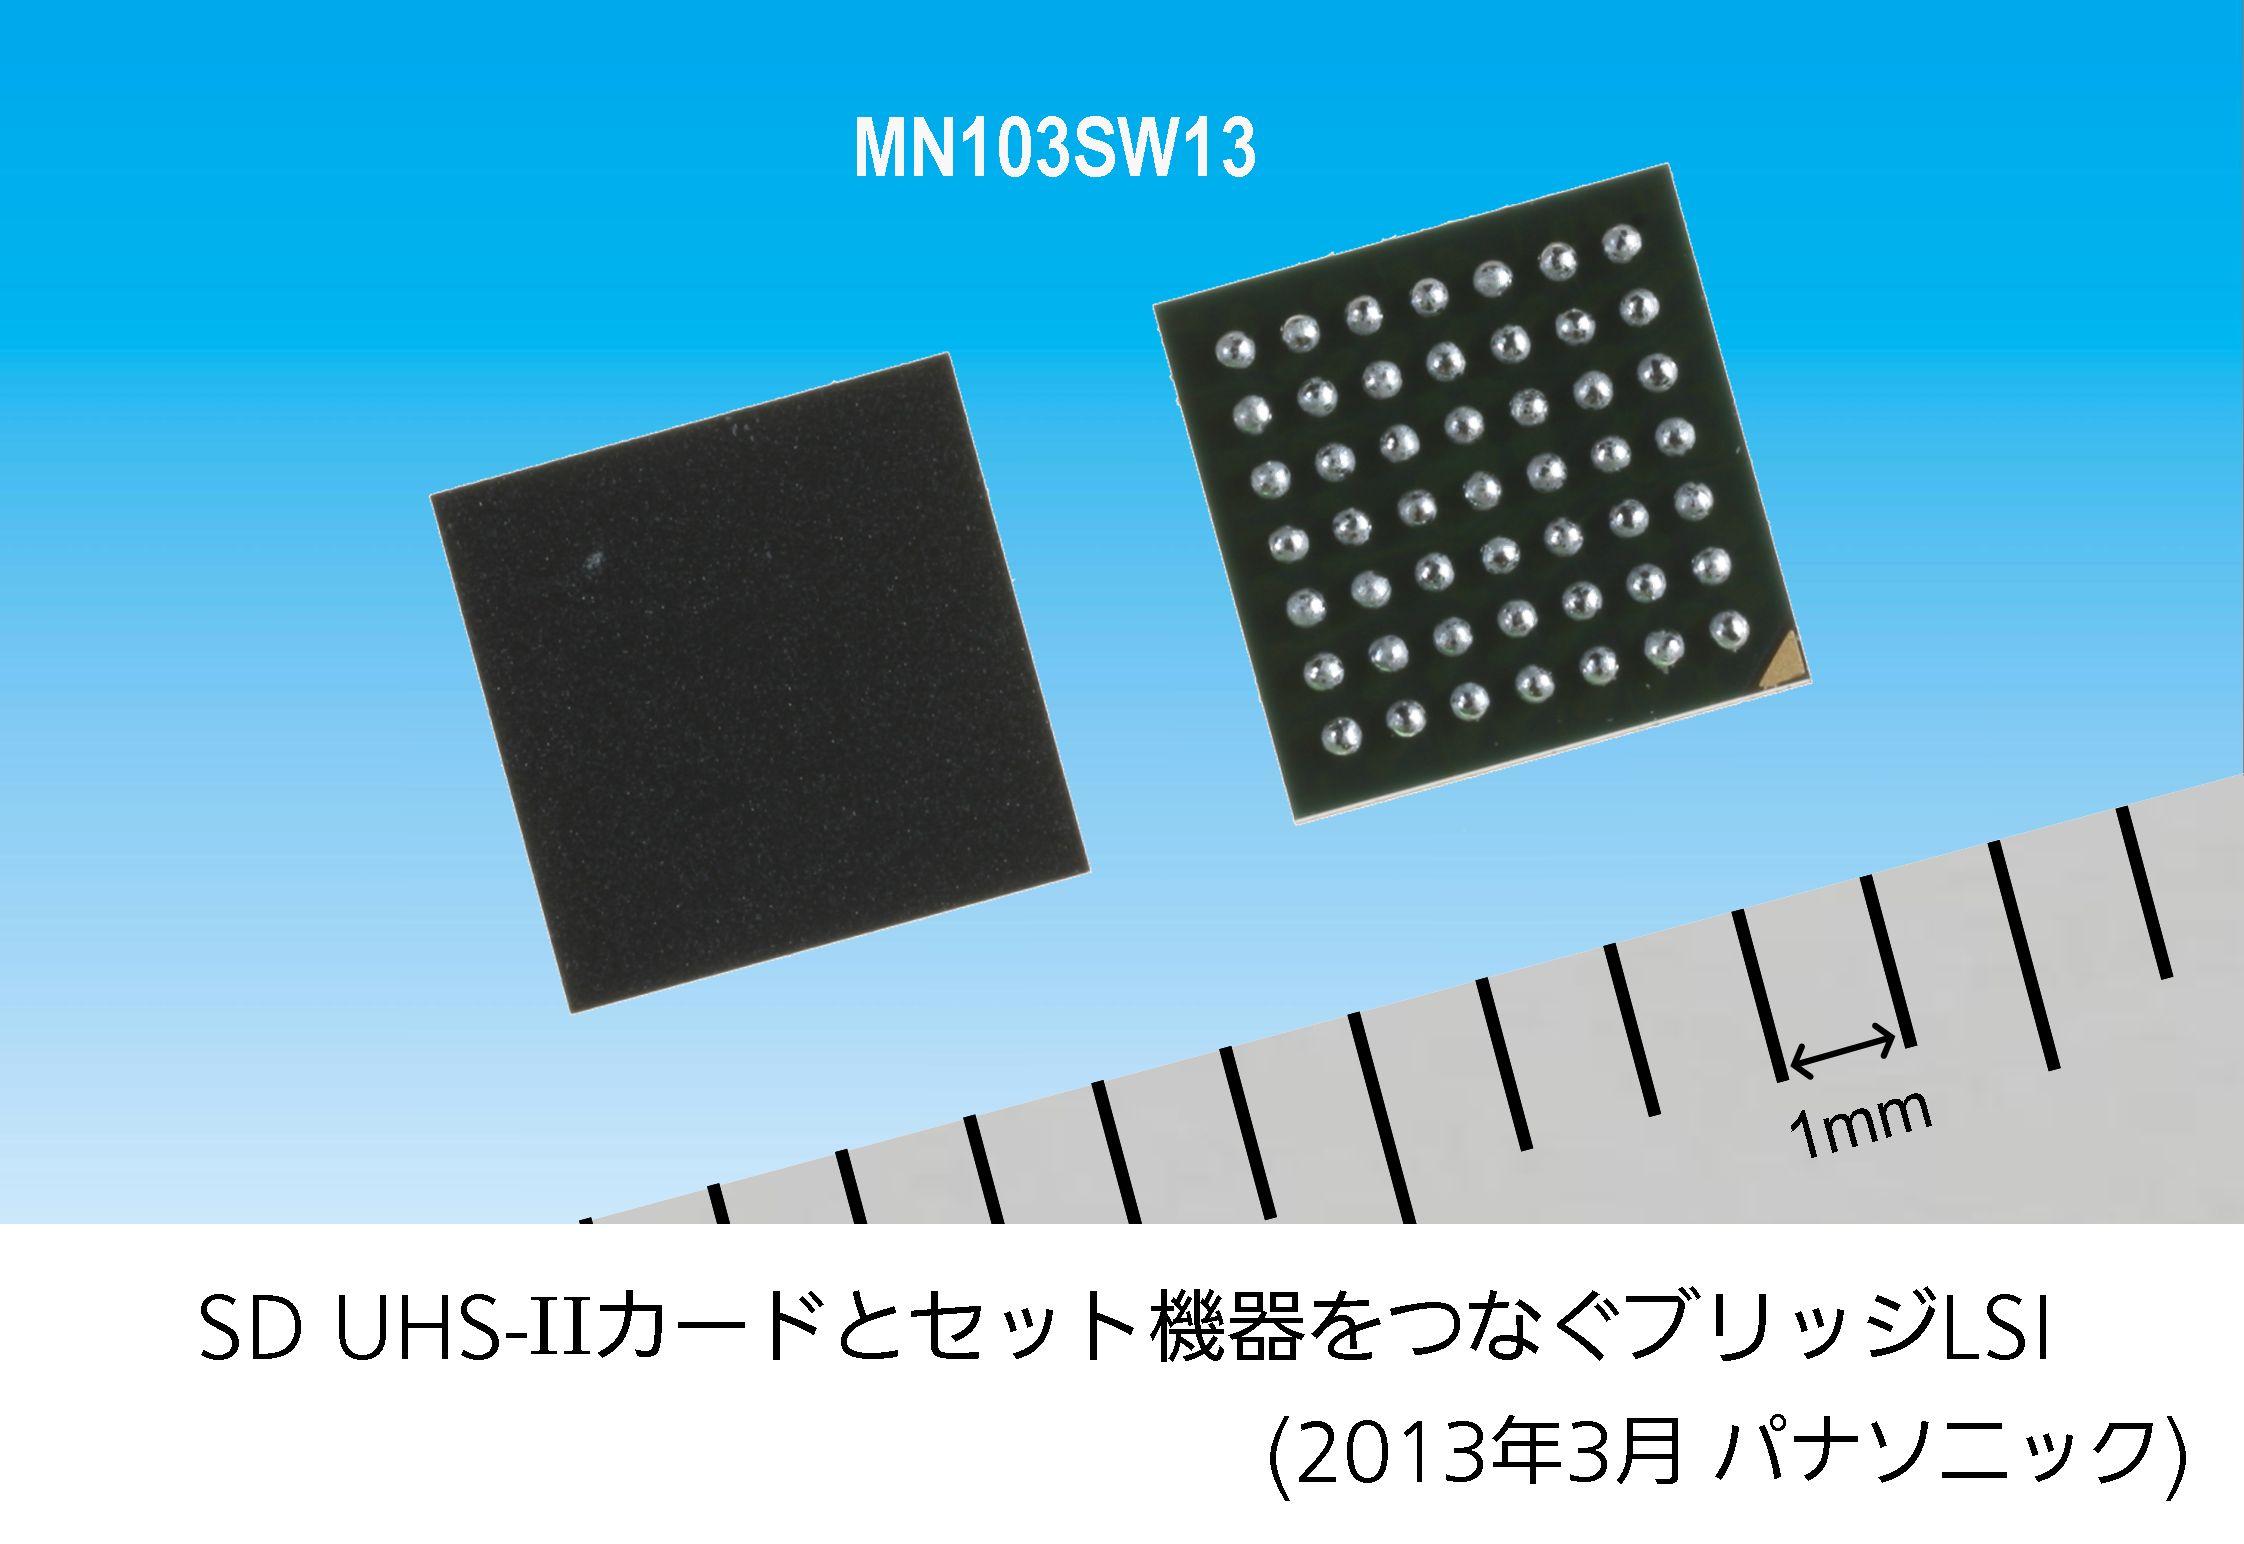 SD UHS-IIカードとセット機器をつなぐブリッジLSI